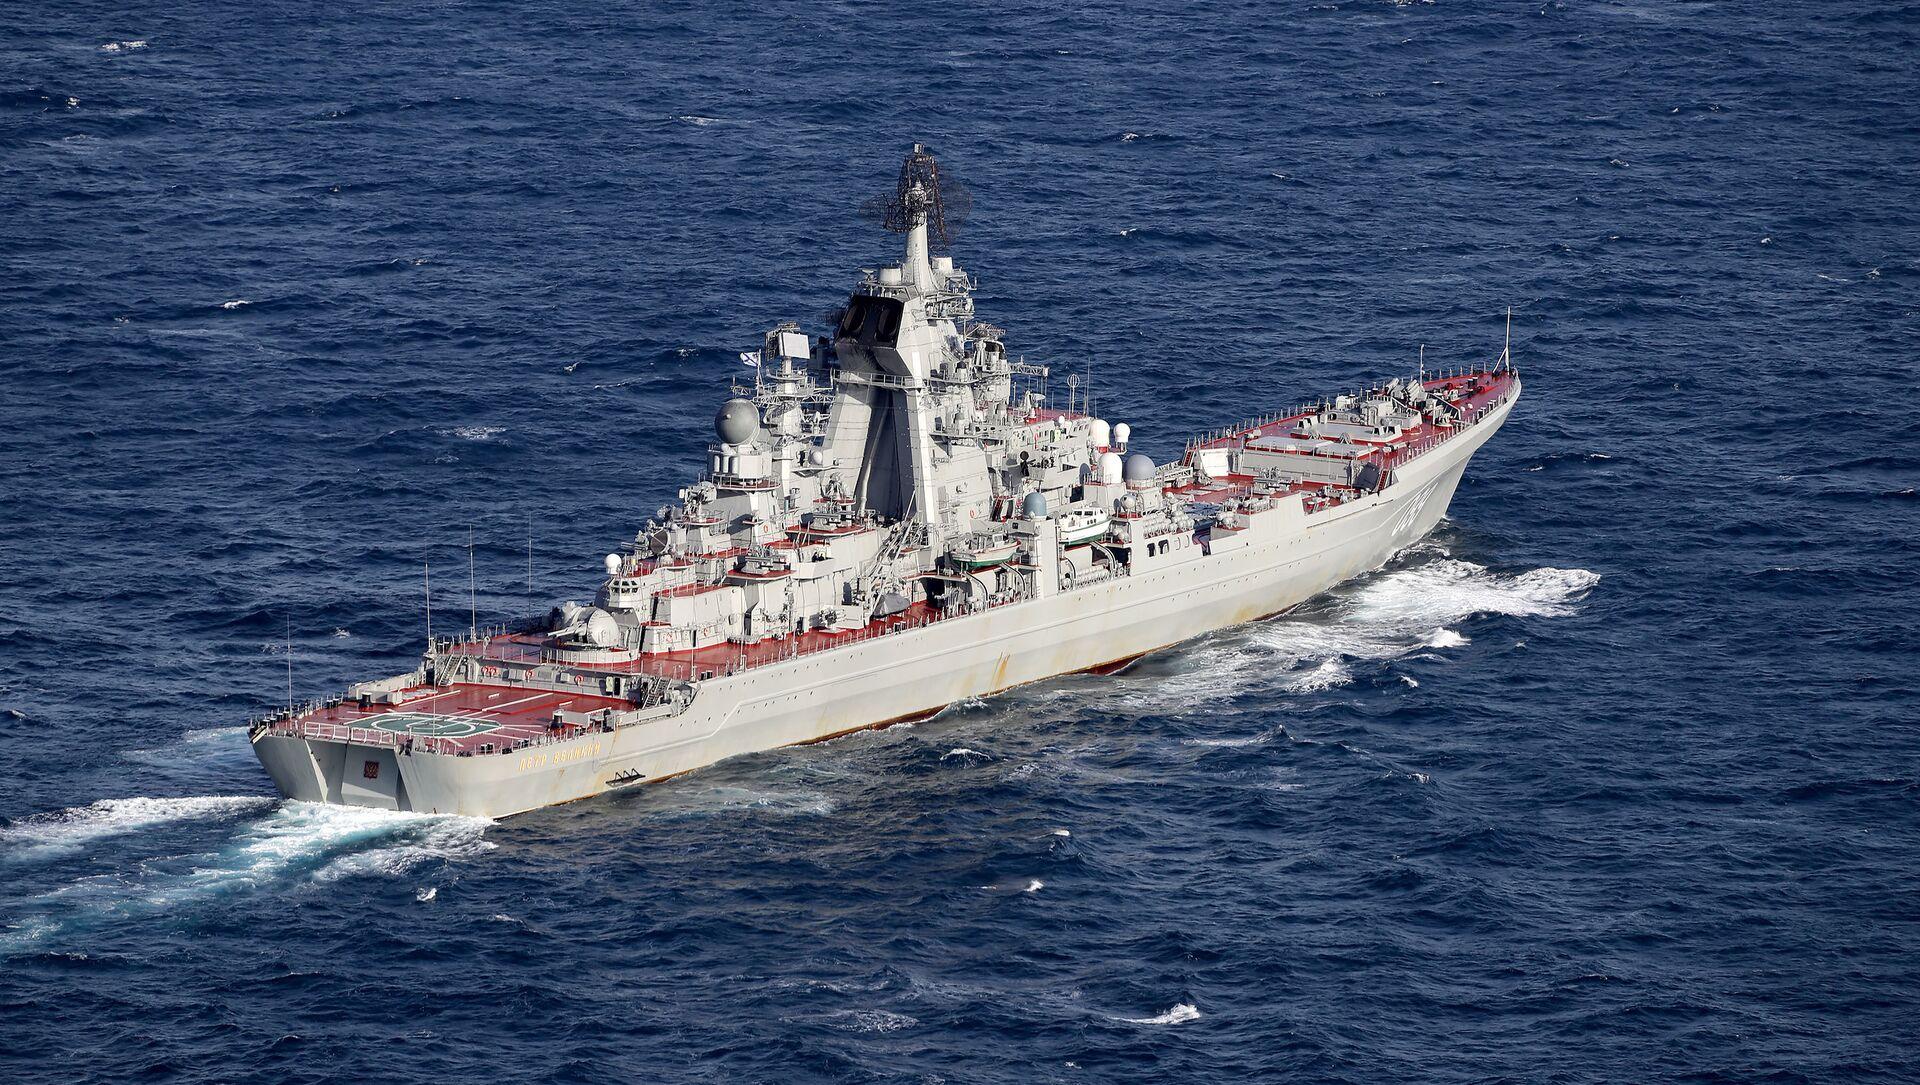 Hải quân và Không quân Anh hộ tống tàu sân bay Đô đốc Kuznetsov. - Sputnik Việt Nam, 1920, 25.04.2021